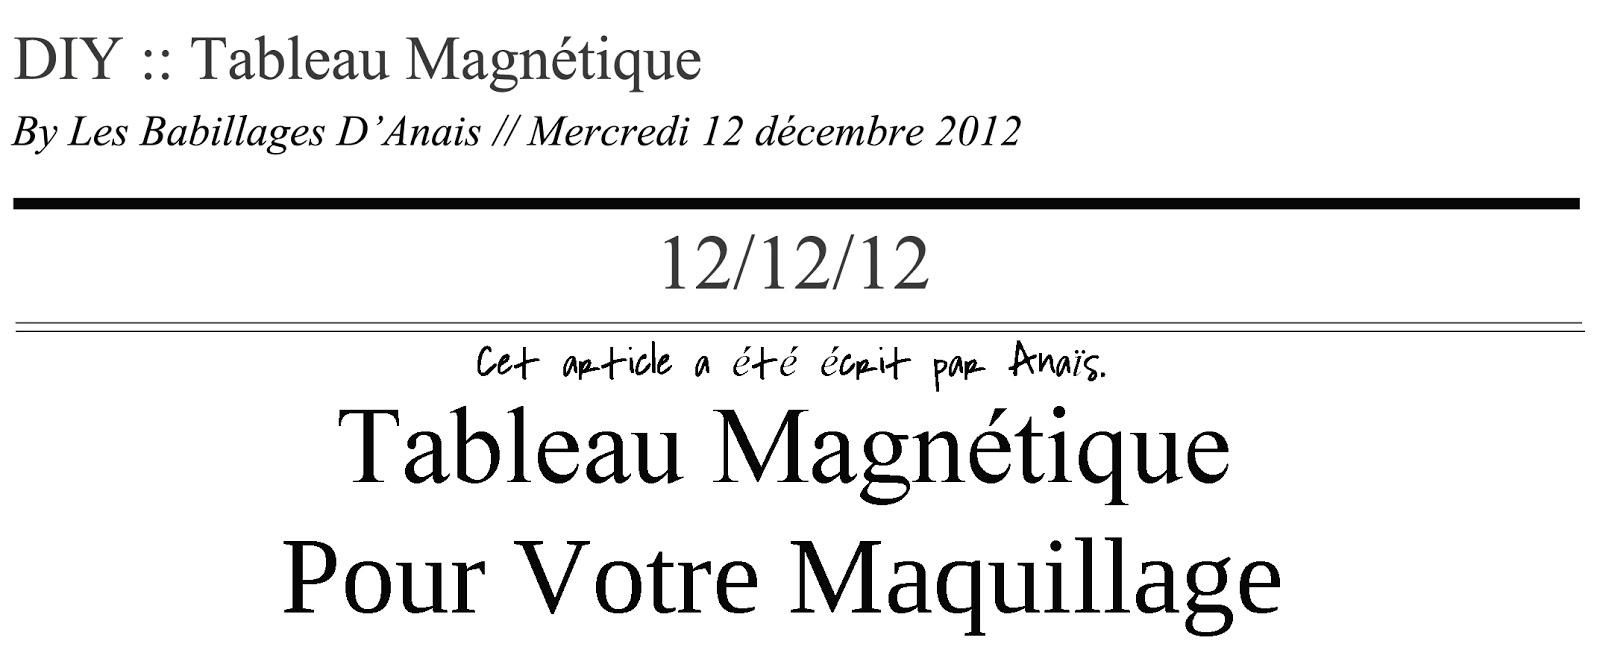 Les babillages d 39 ana s - Aimant tableau magnetique ...